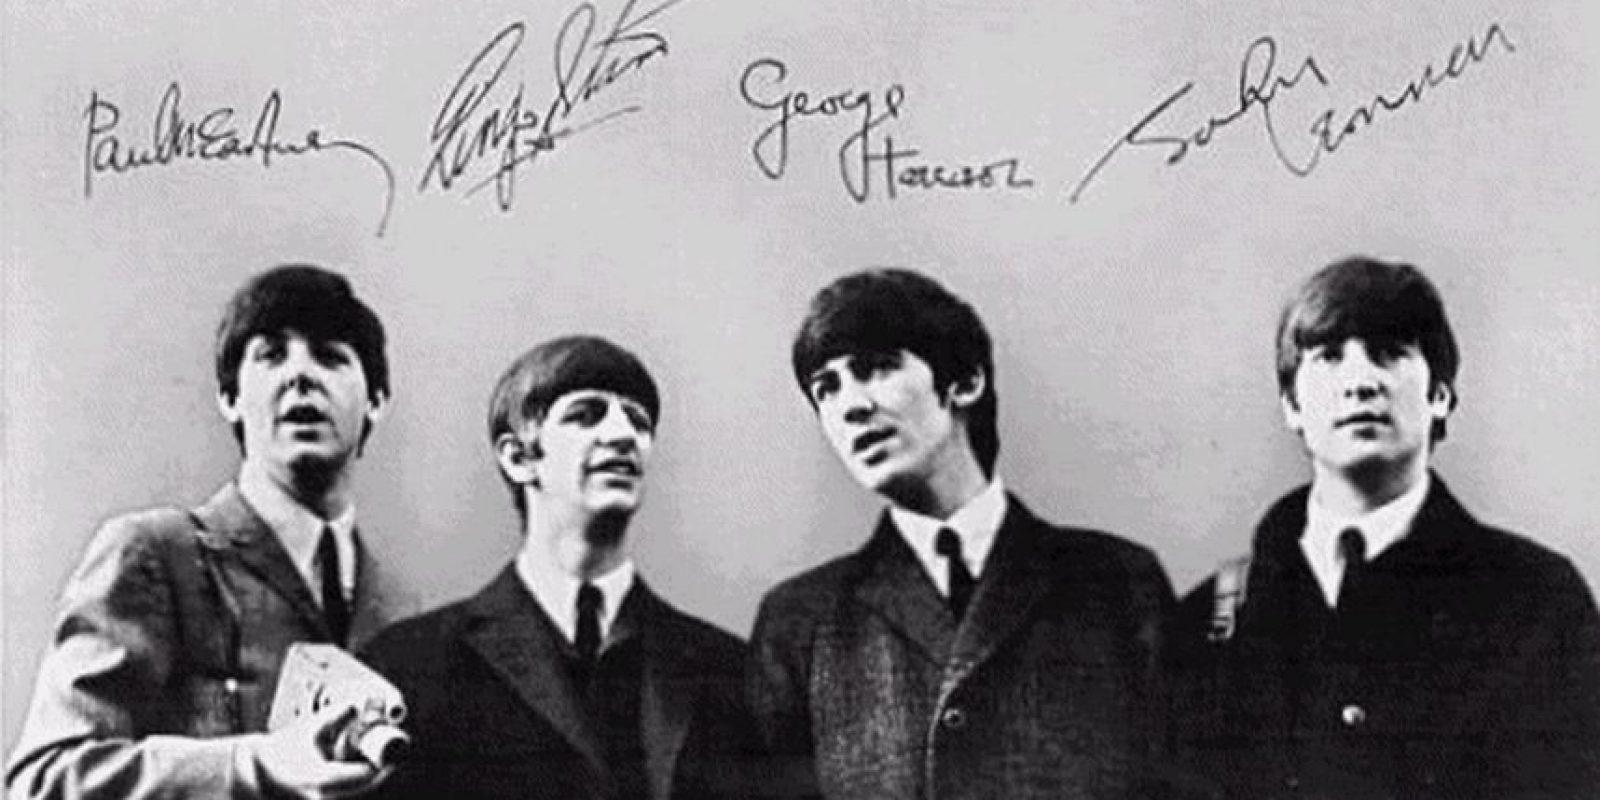 Ningún servicio de este tipo cuenta con la música de The Beatles Foto:Wikicommons